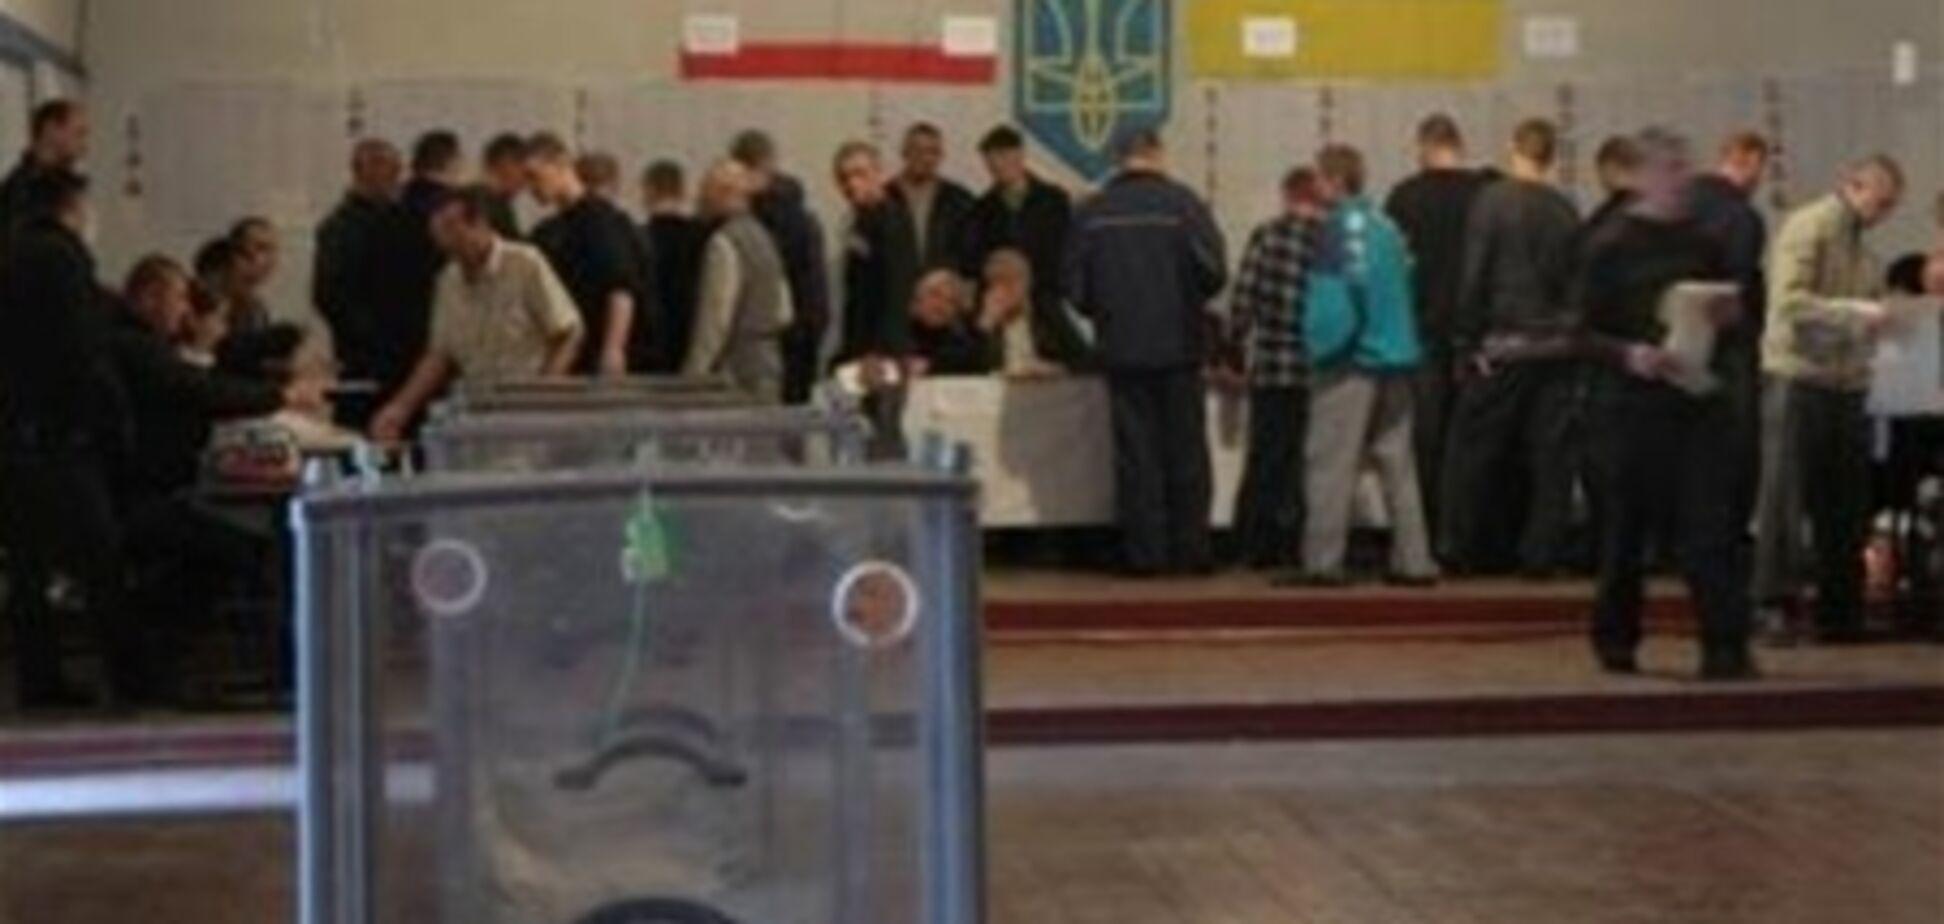 КВУ оцінює голосування на четвірку з мінусом